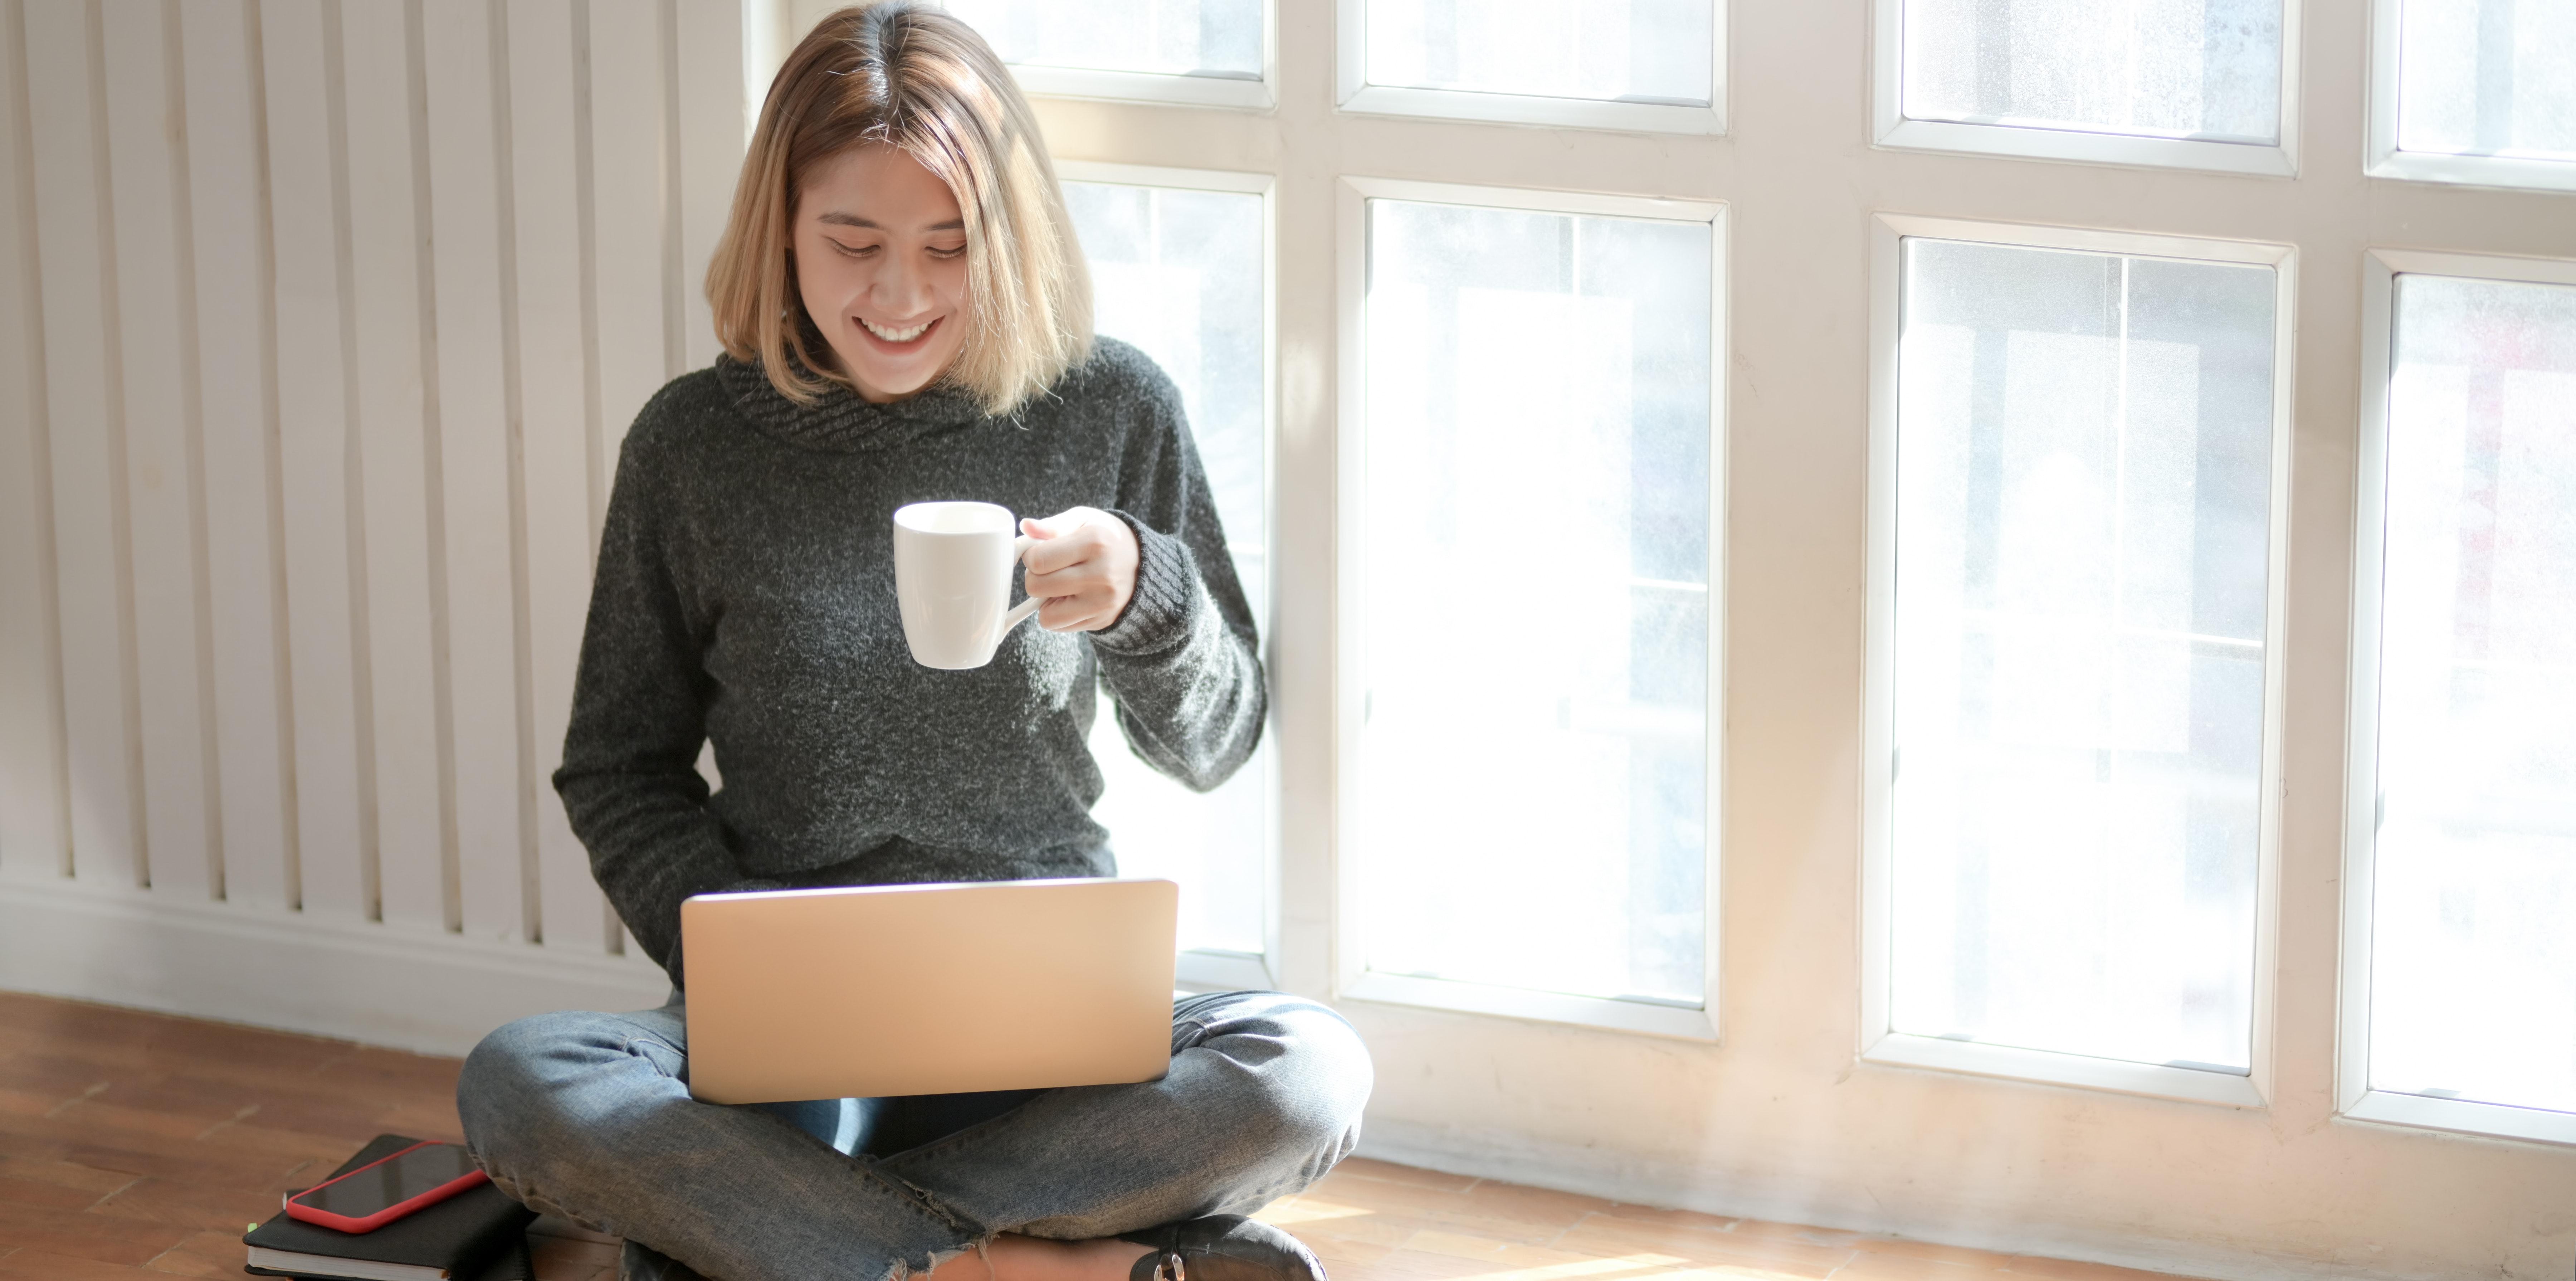 pige dame glad smile mobil computer tjekke kaffe sidde ned (Foto: Pexels)